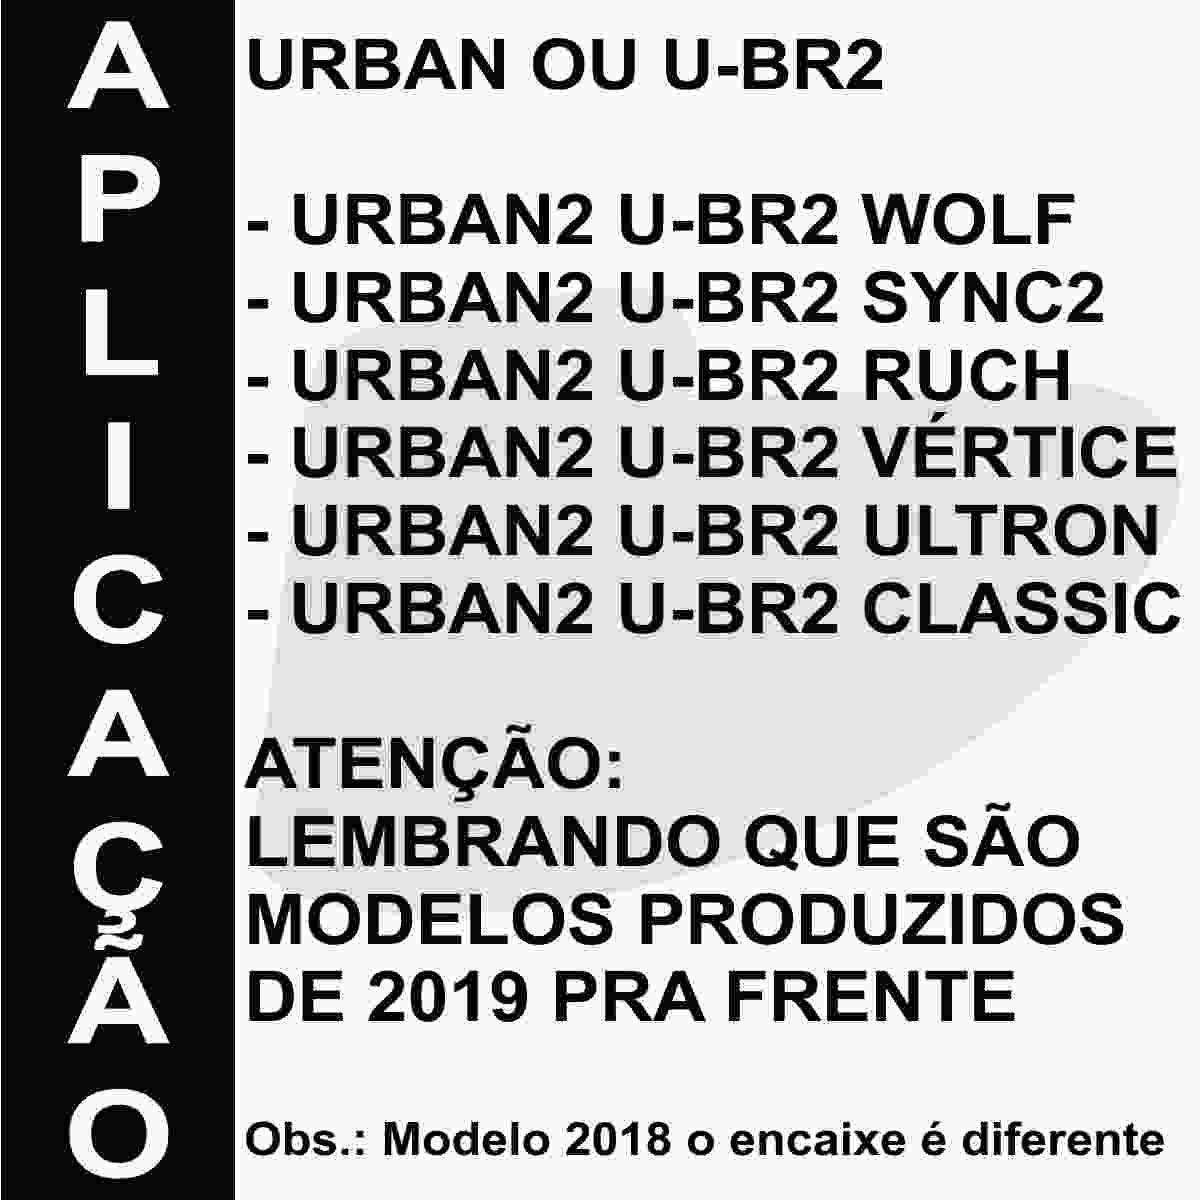 BAIONETA PEELS BOTÃO DE FIXAÇÃO CAPACETE URBAN U-RB2 2019